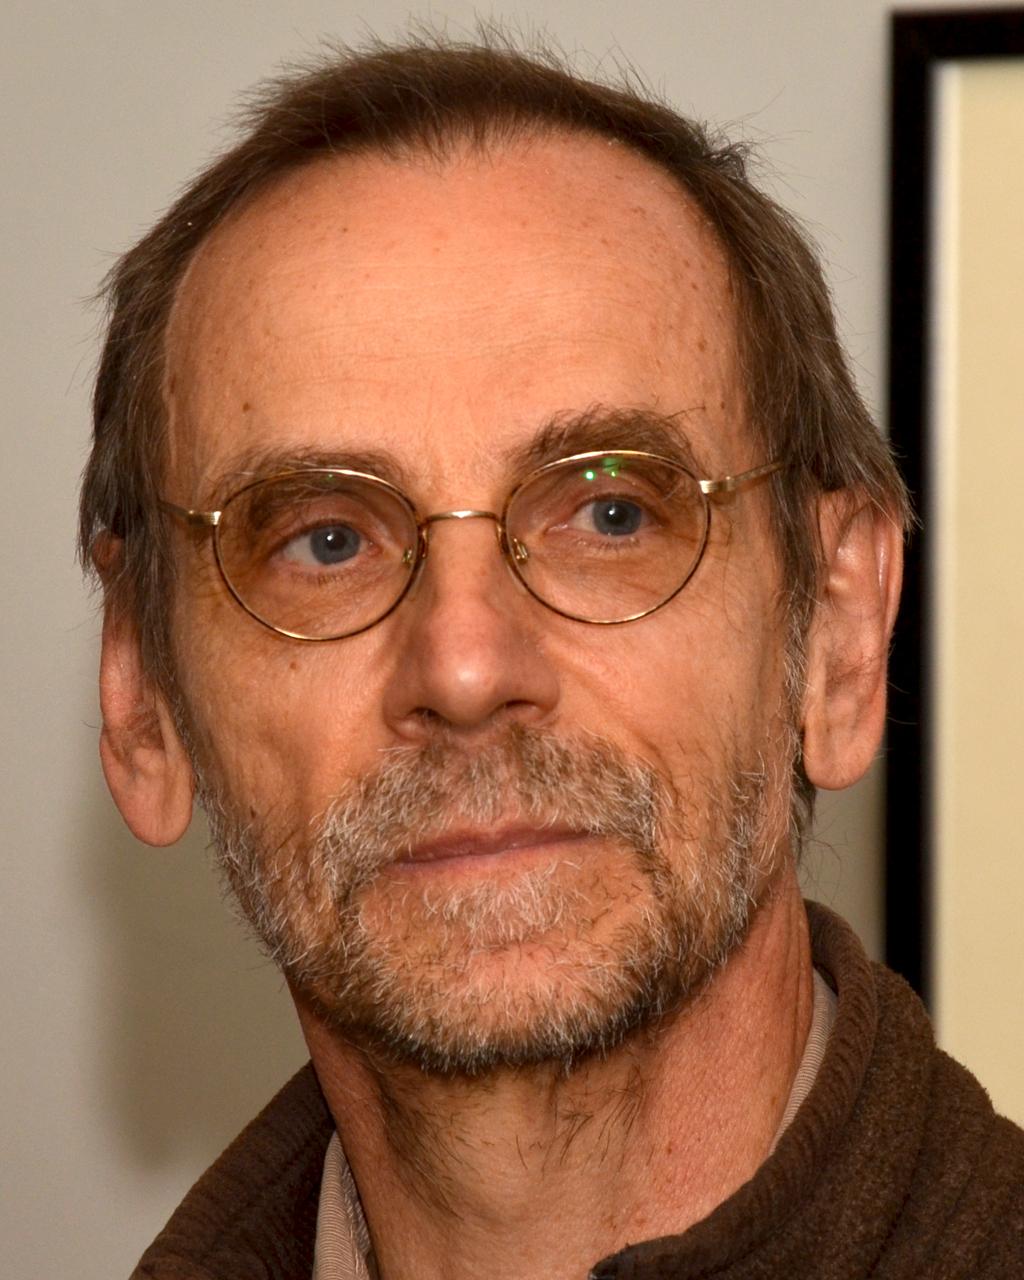 Image of Pavel Scheufler from Wikidata